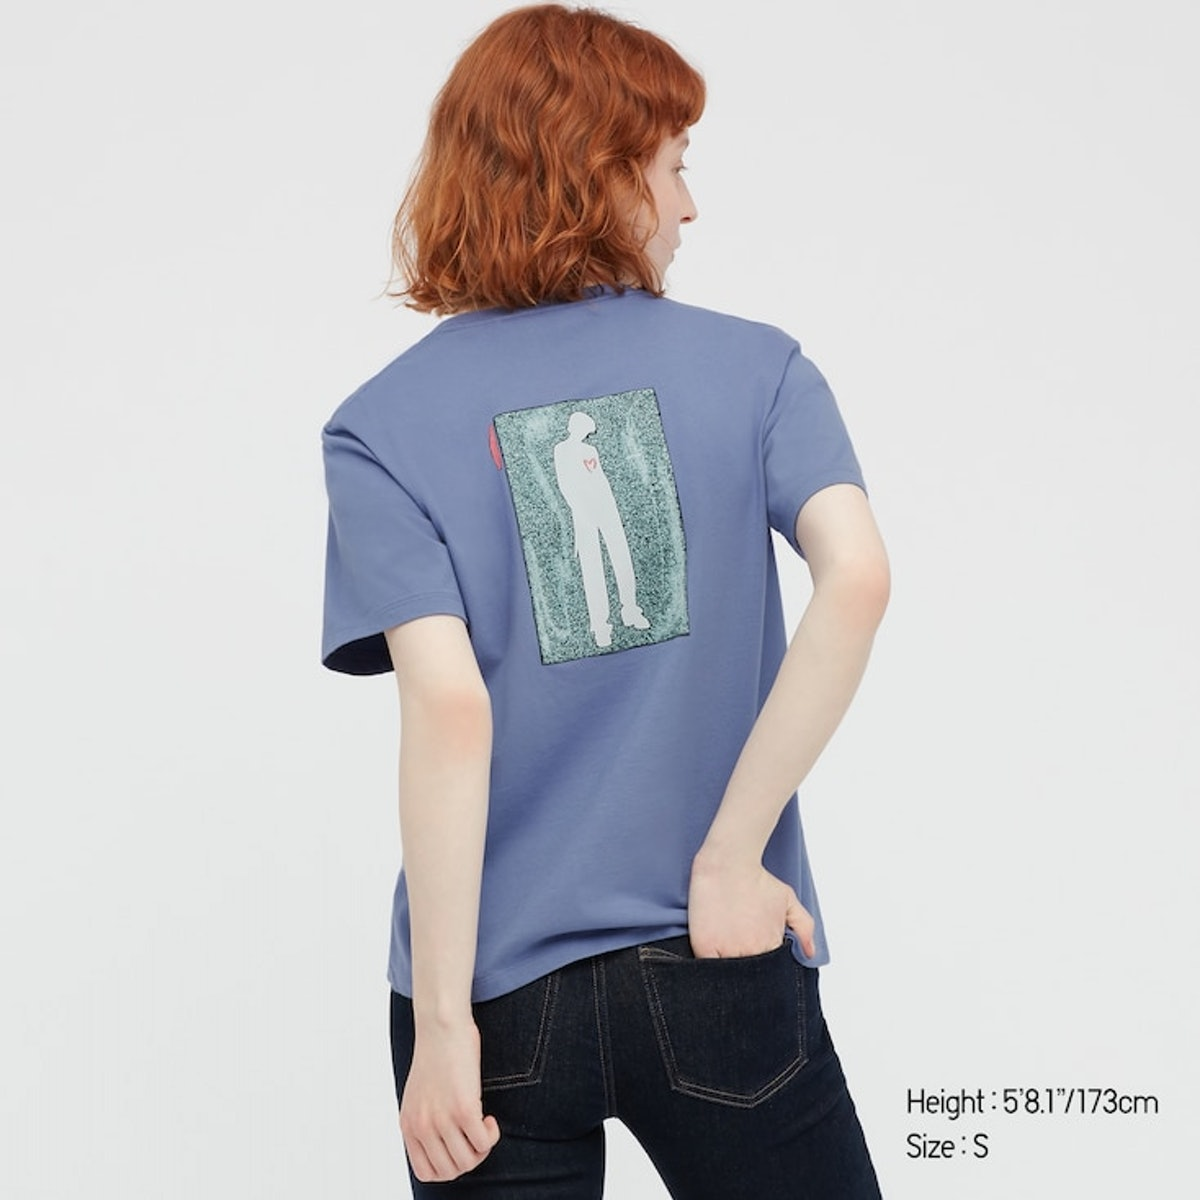 Troye Sivan UT Graphic T-shirt